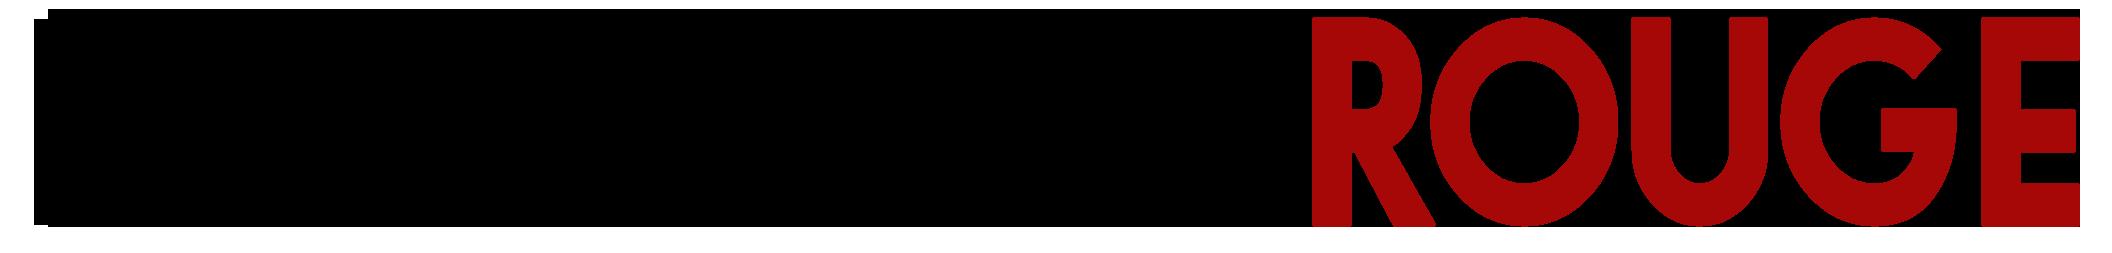 Logo La Maison Rouge le Cercle